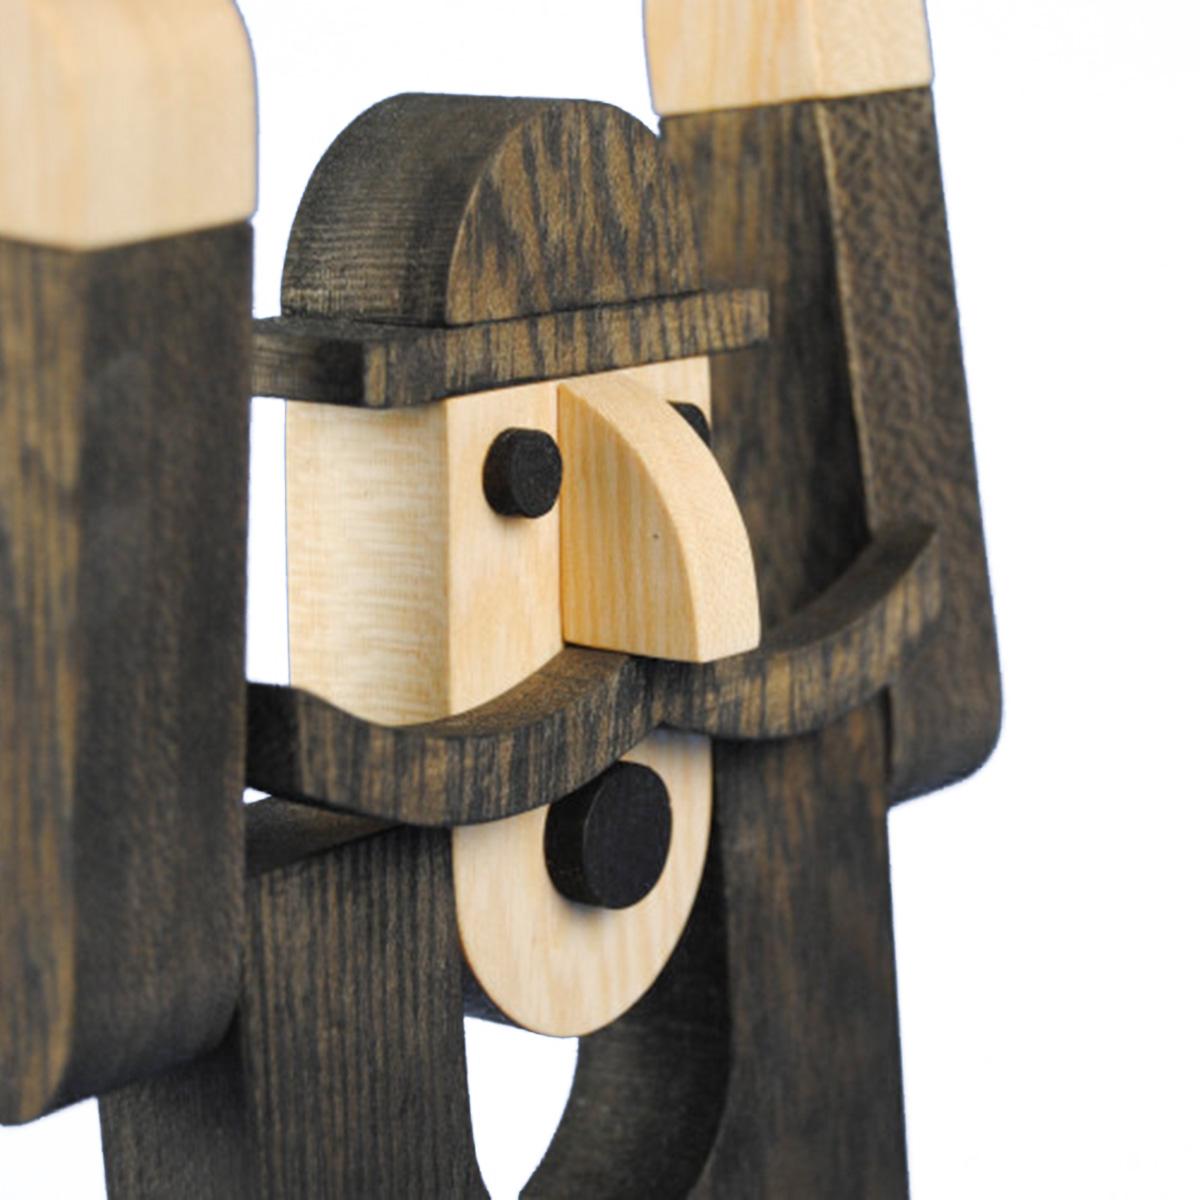 depero-futurismo-giocattolo-prete-baffi-legno-wood-toy-design